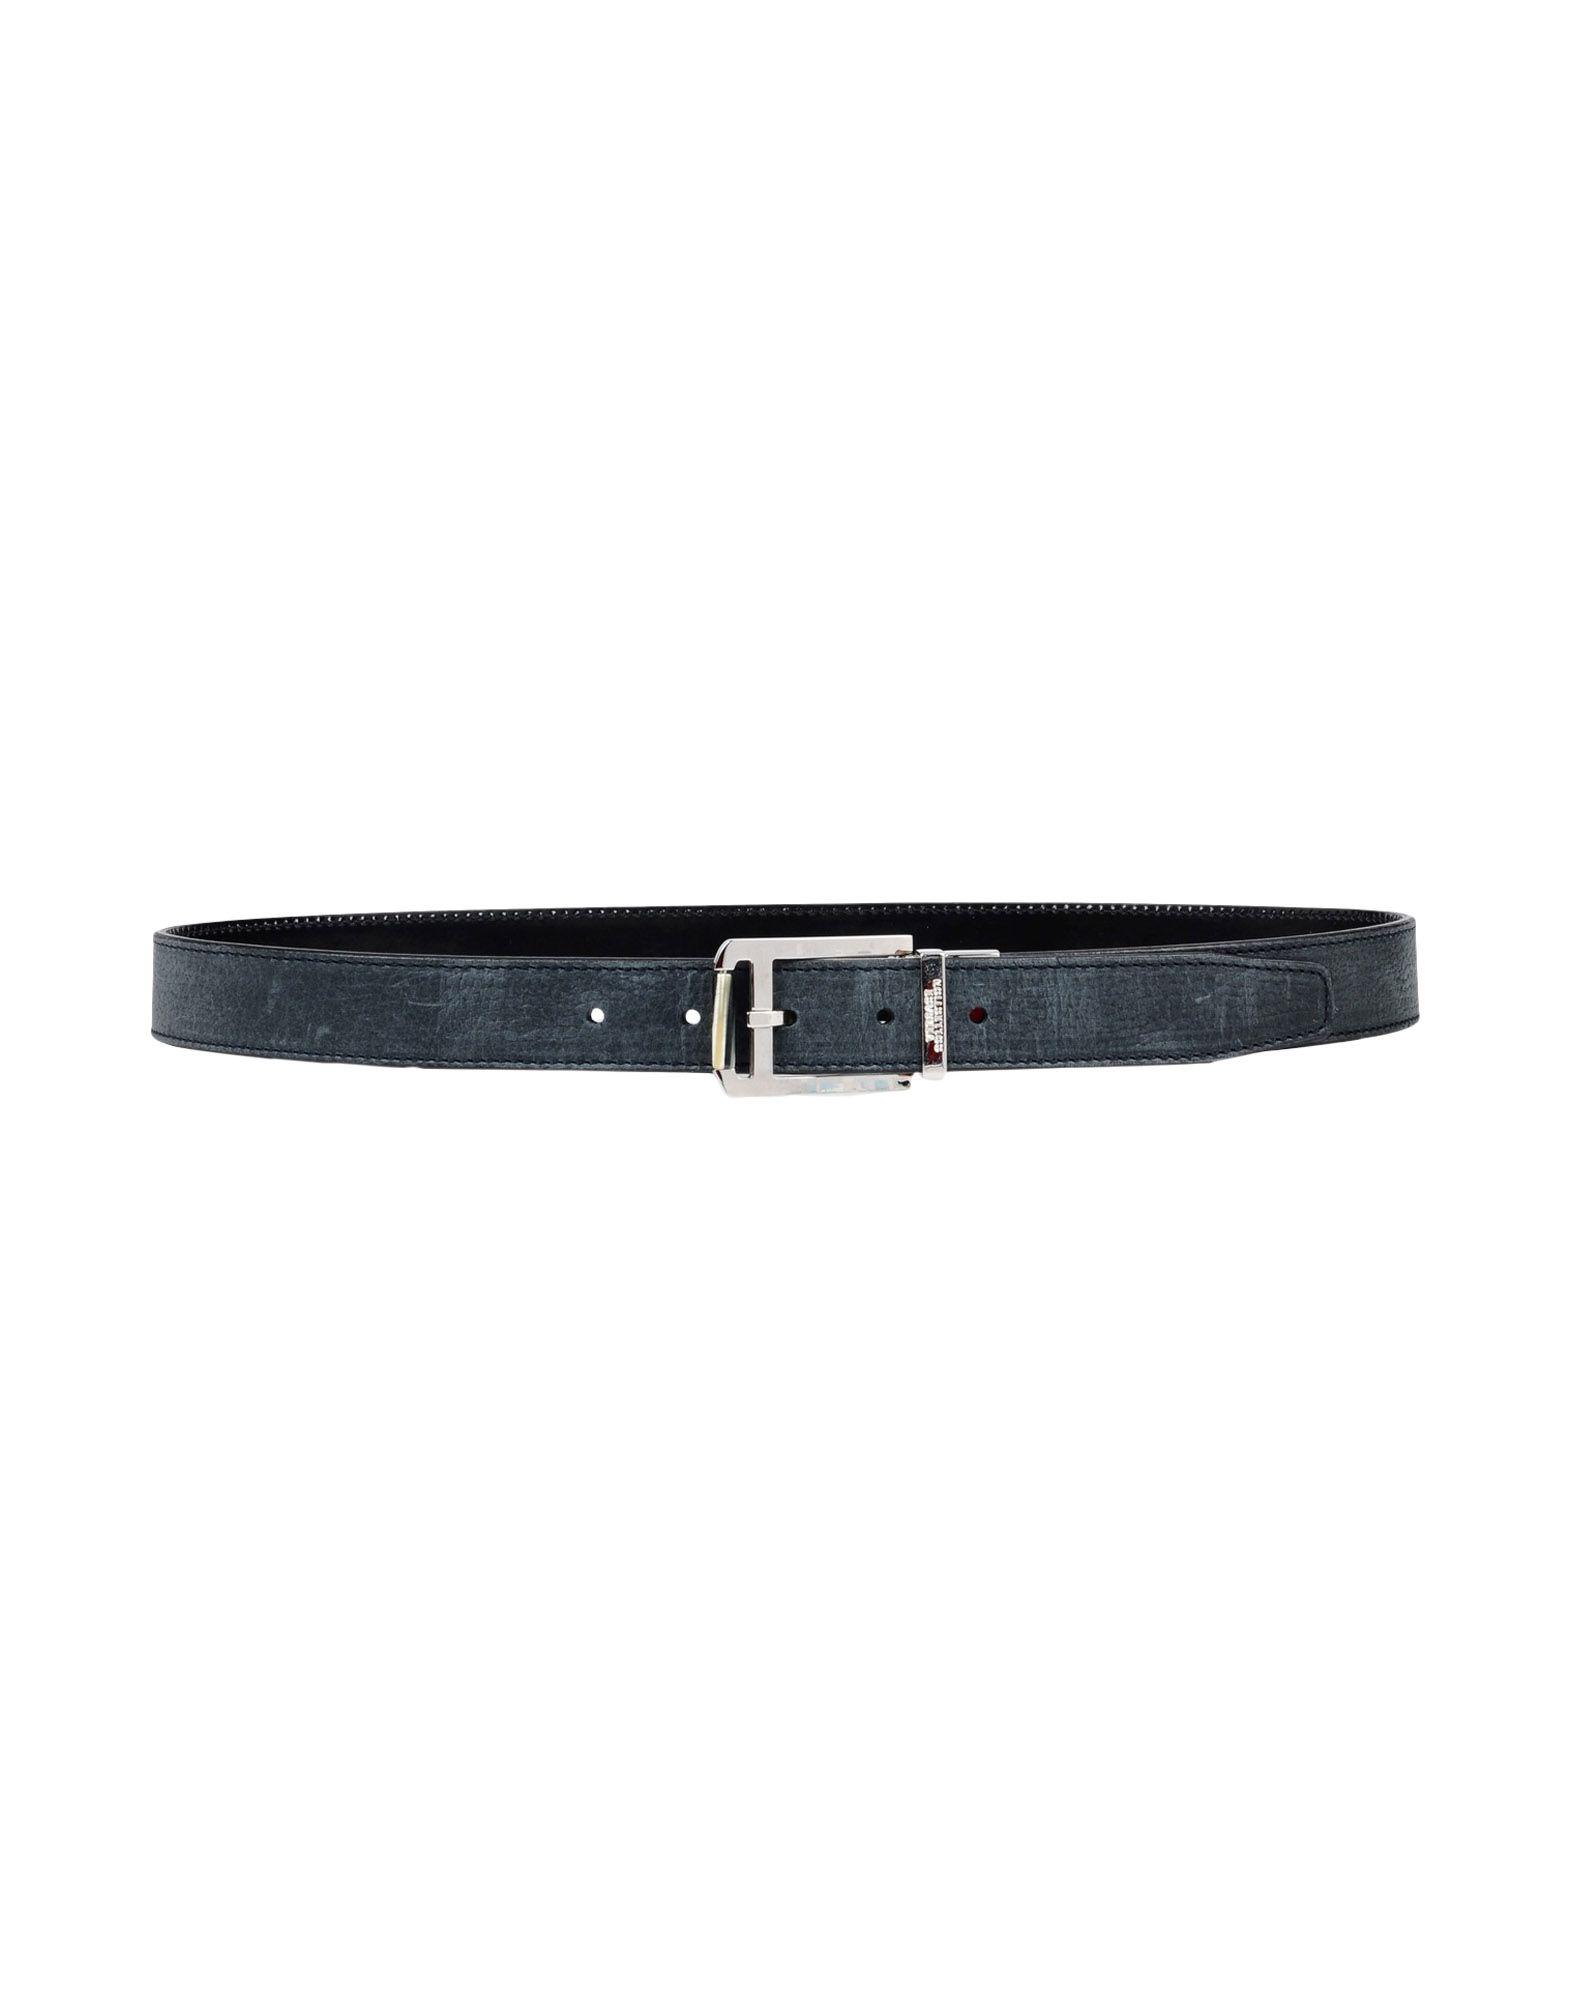 Cintura online su Uomo Versace Pelle Acquista Collection In gr4aAg